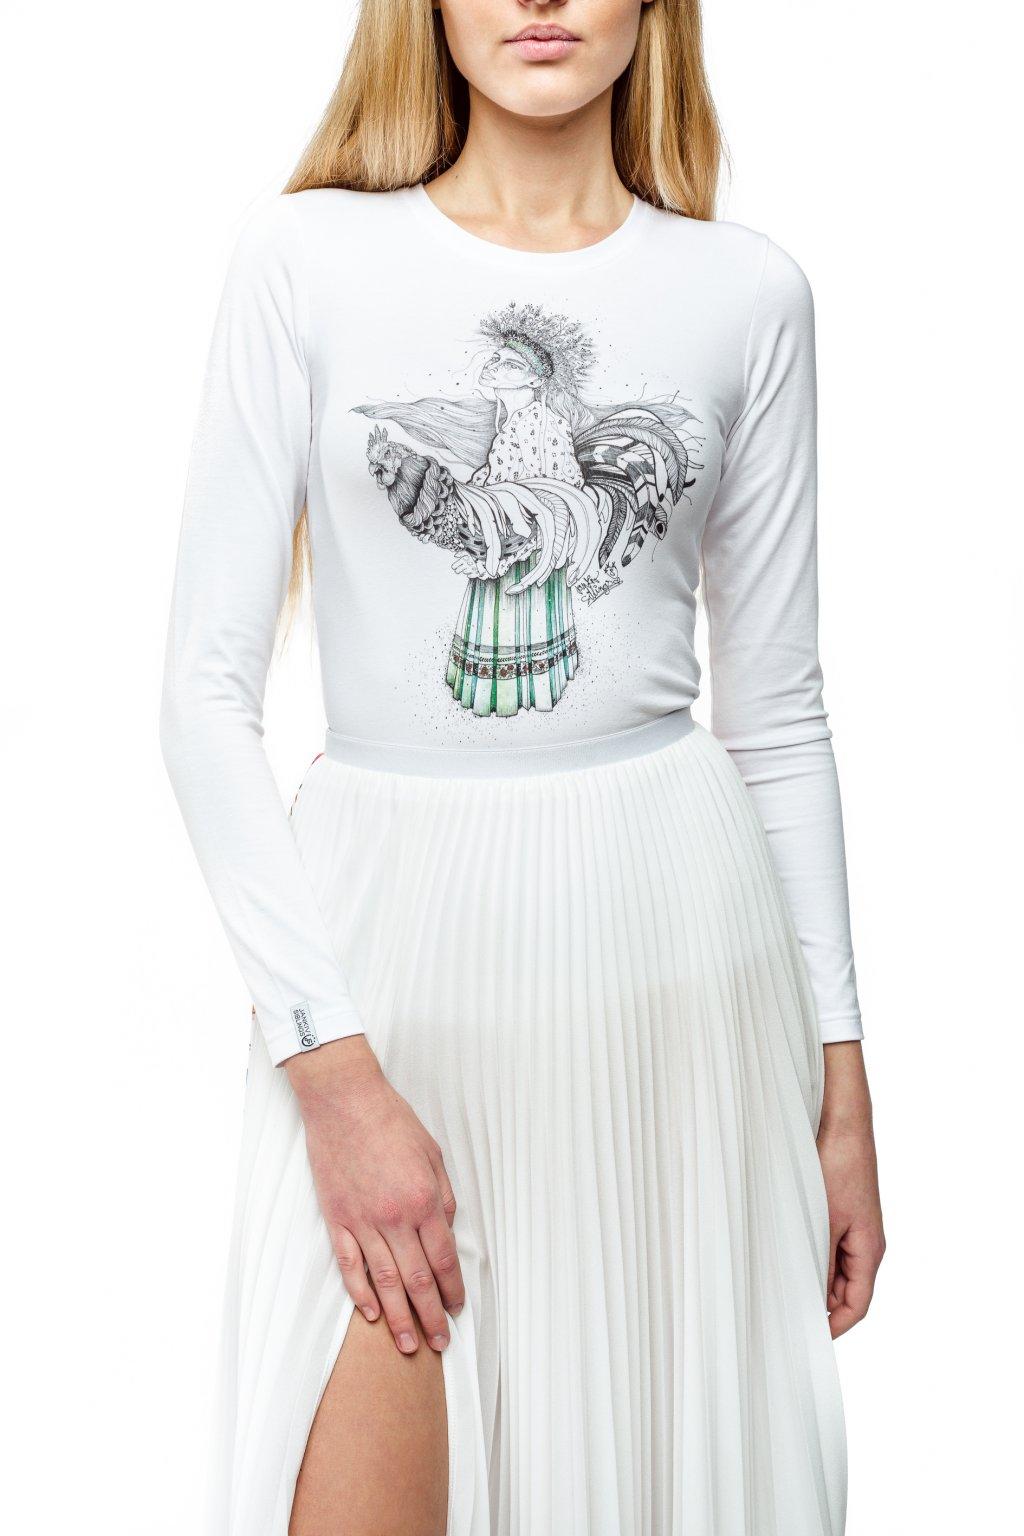 Dámske tričko biele s autorskou potlačou 1 žena